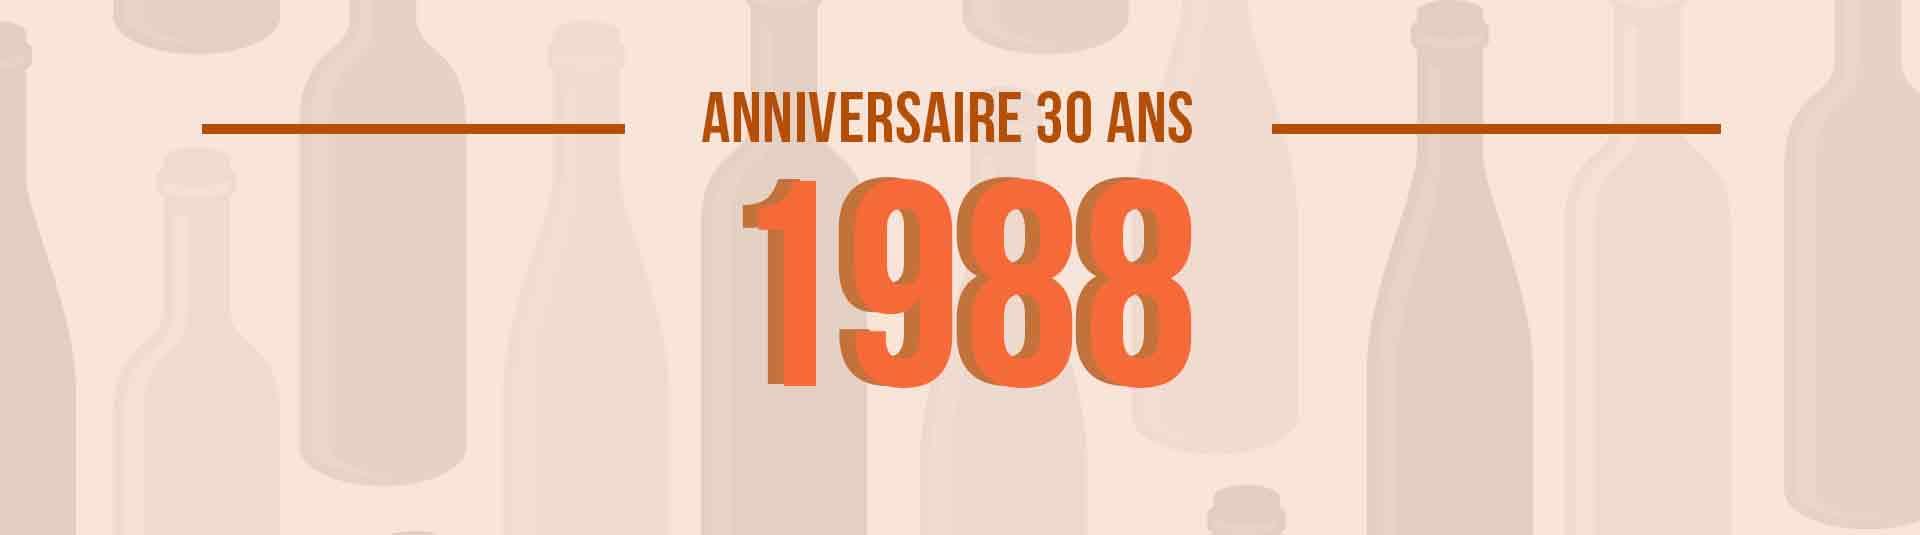 Vins de 1988 : cadeau d'anniversaire 30 ans